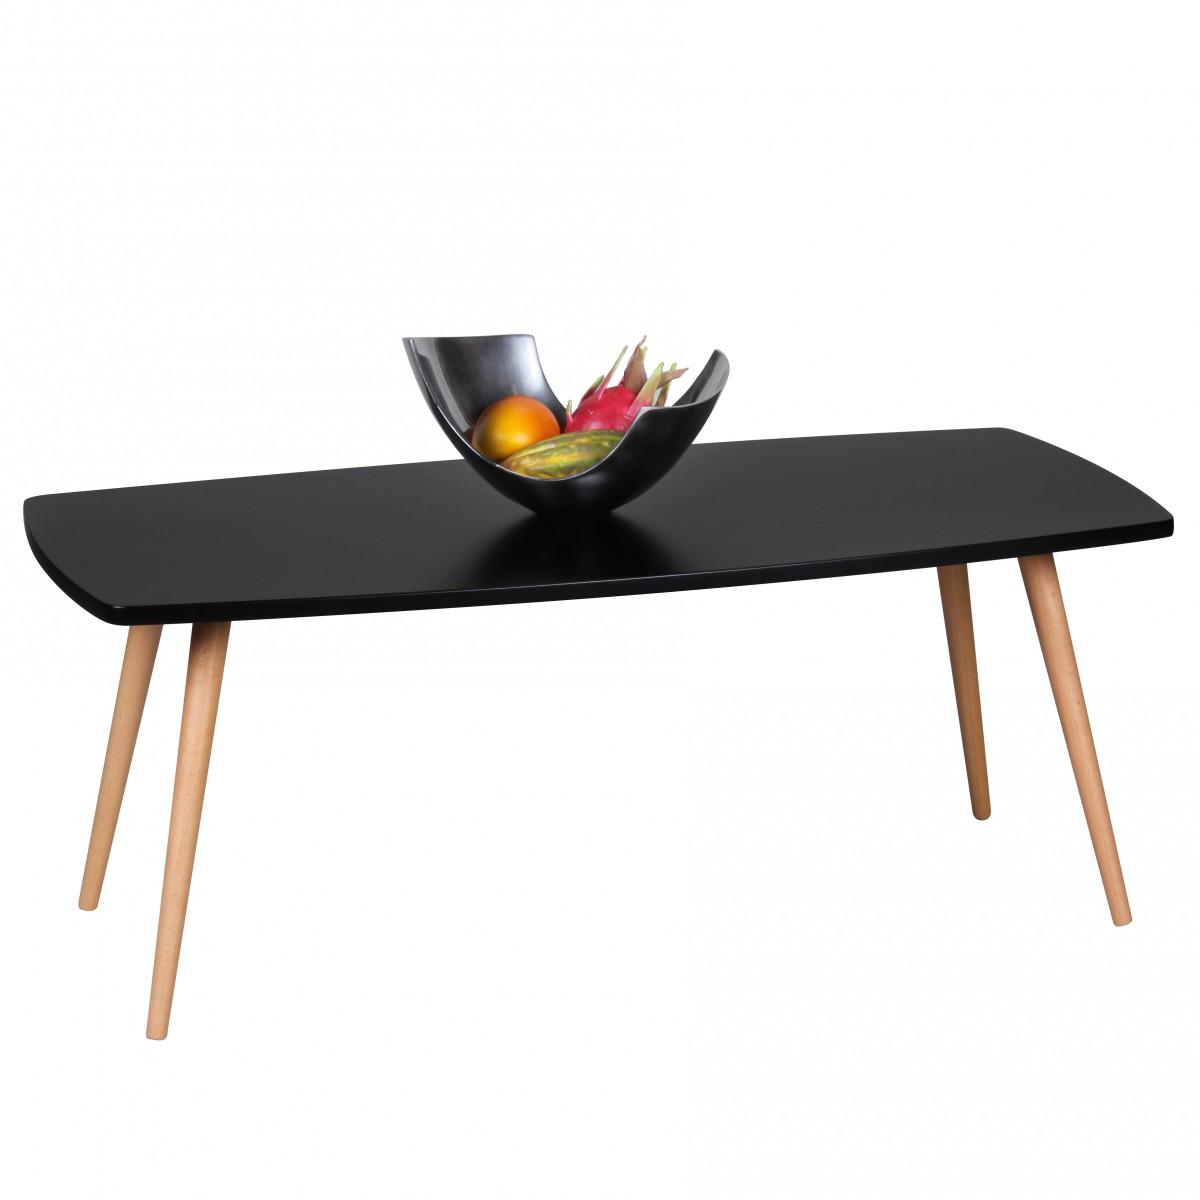 Couchtisch 110 X 50 X 42 Cm Wohnzimmertisch Retro Wohnzimmer Tisch